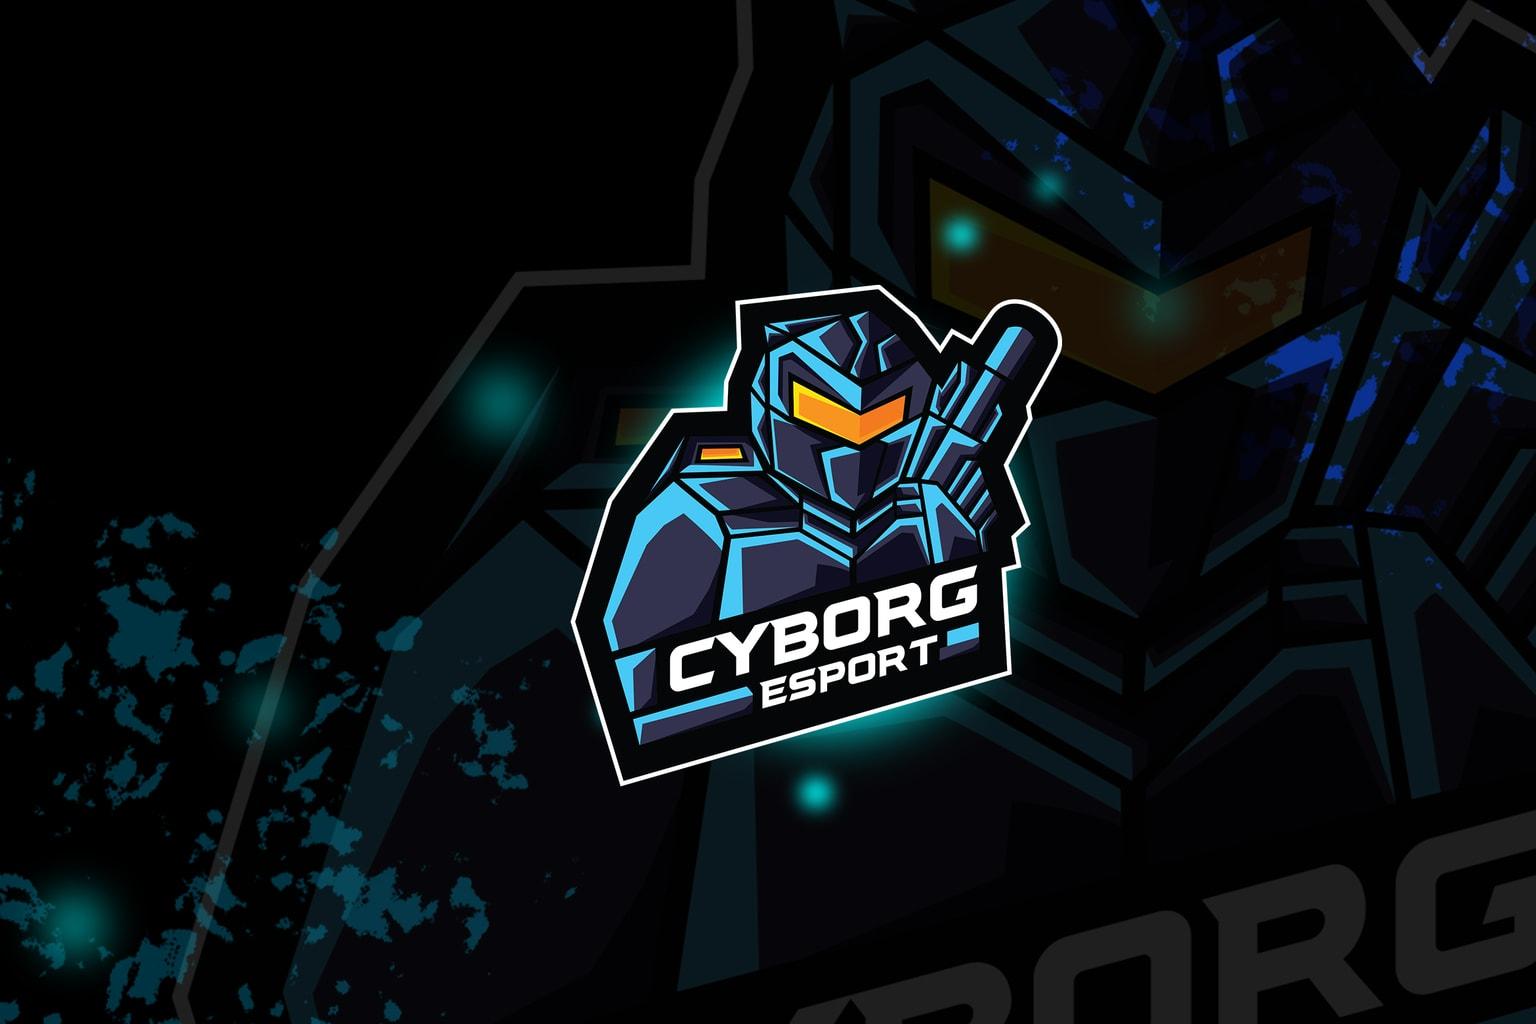 esport logo – cyborg army